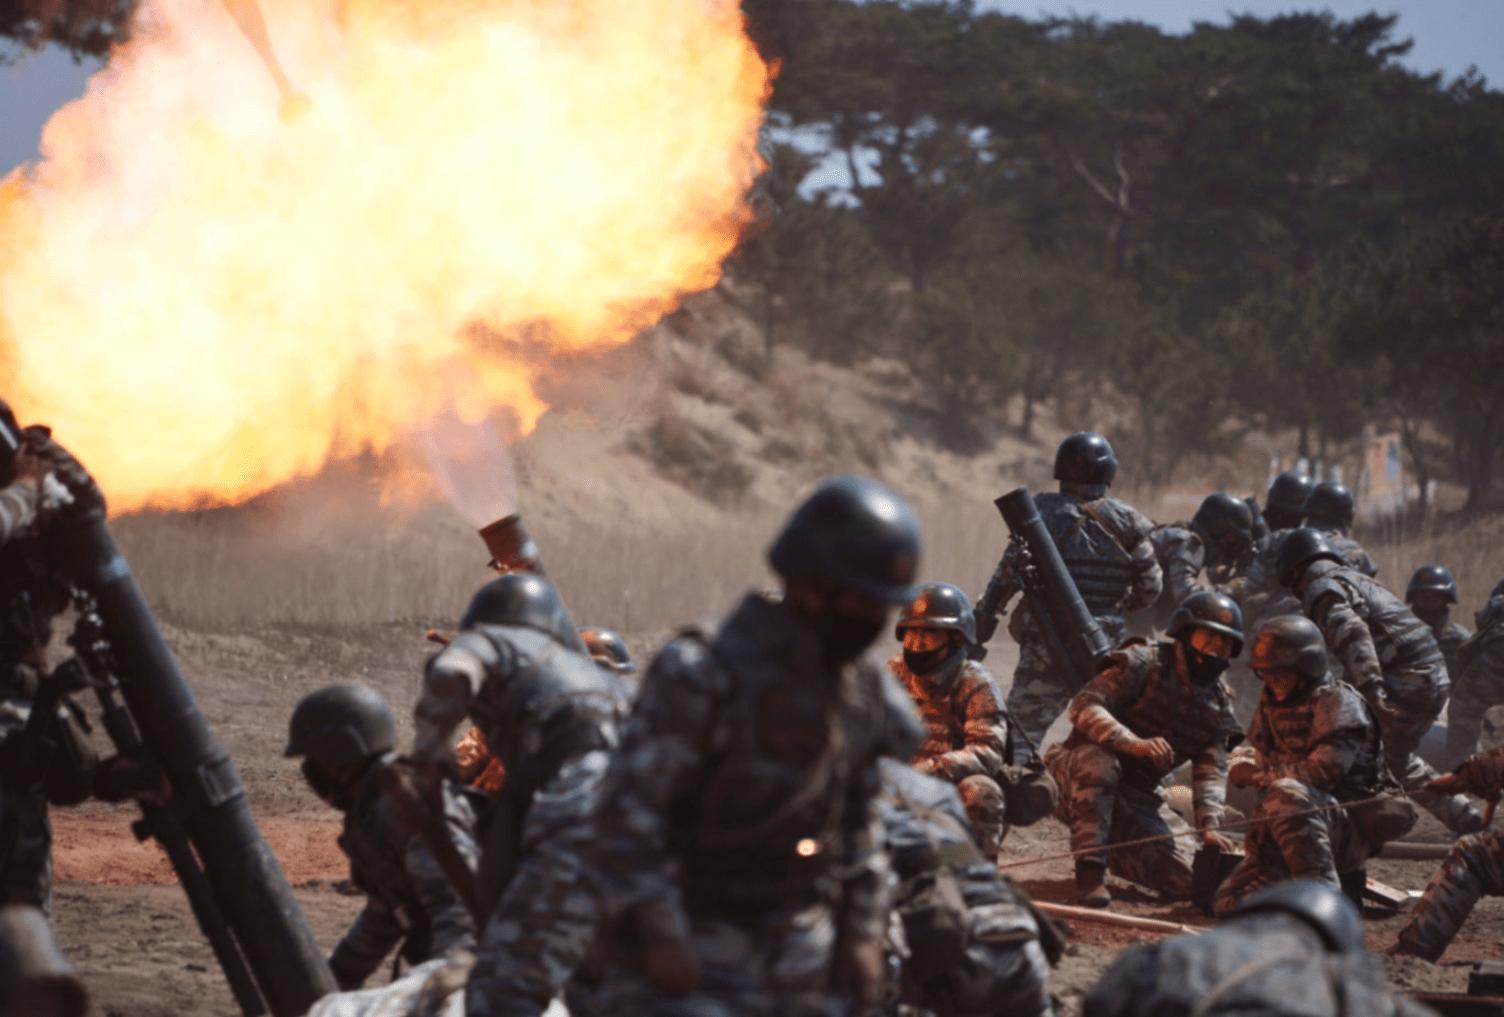 Panel investigates North Korean weapon used in Mogadishu attack on UN compound